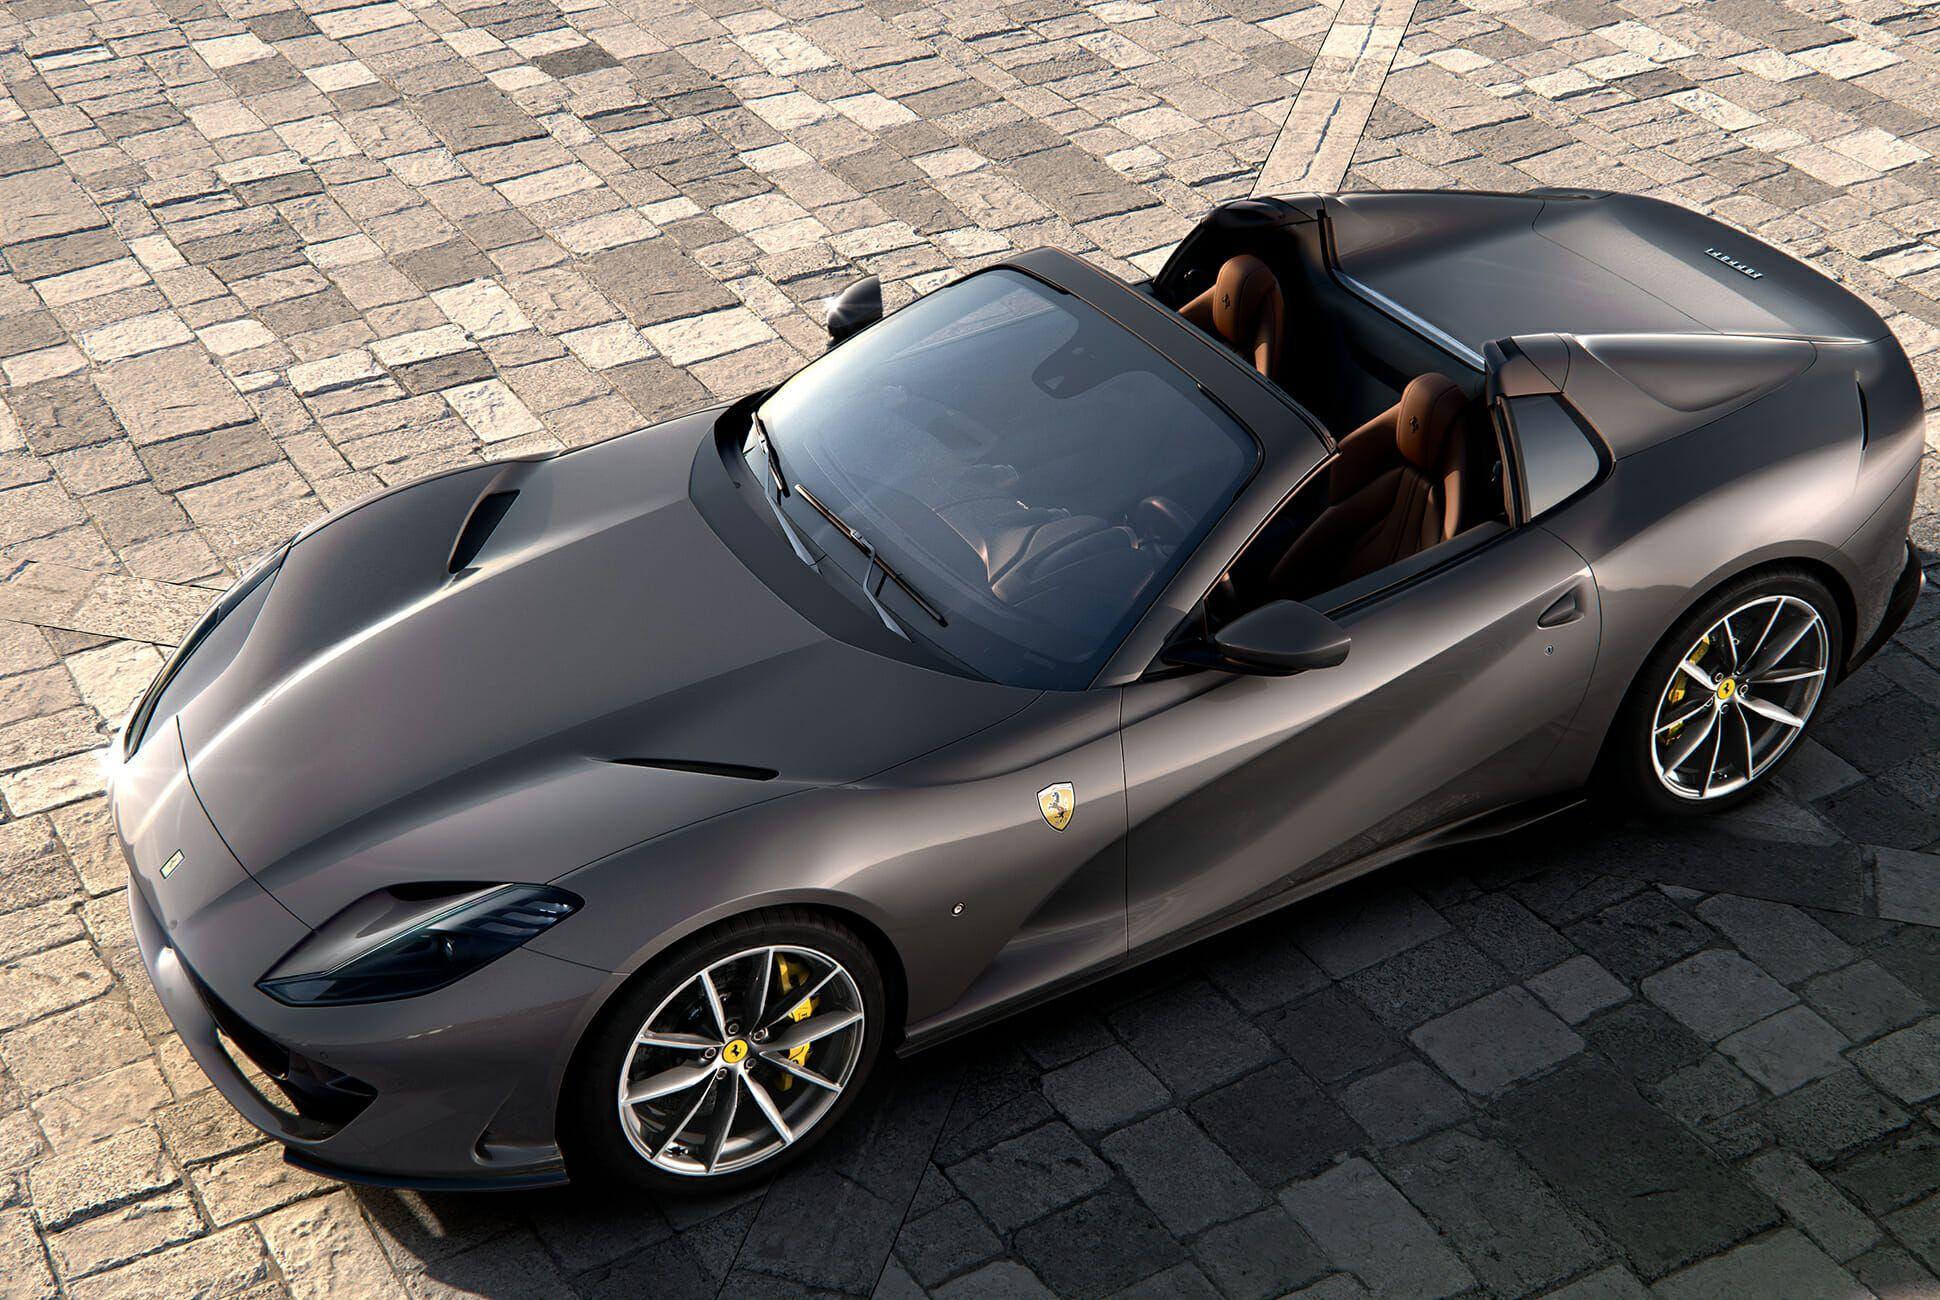 Ferrari-GTS-gear-patrol-slide-05